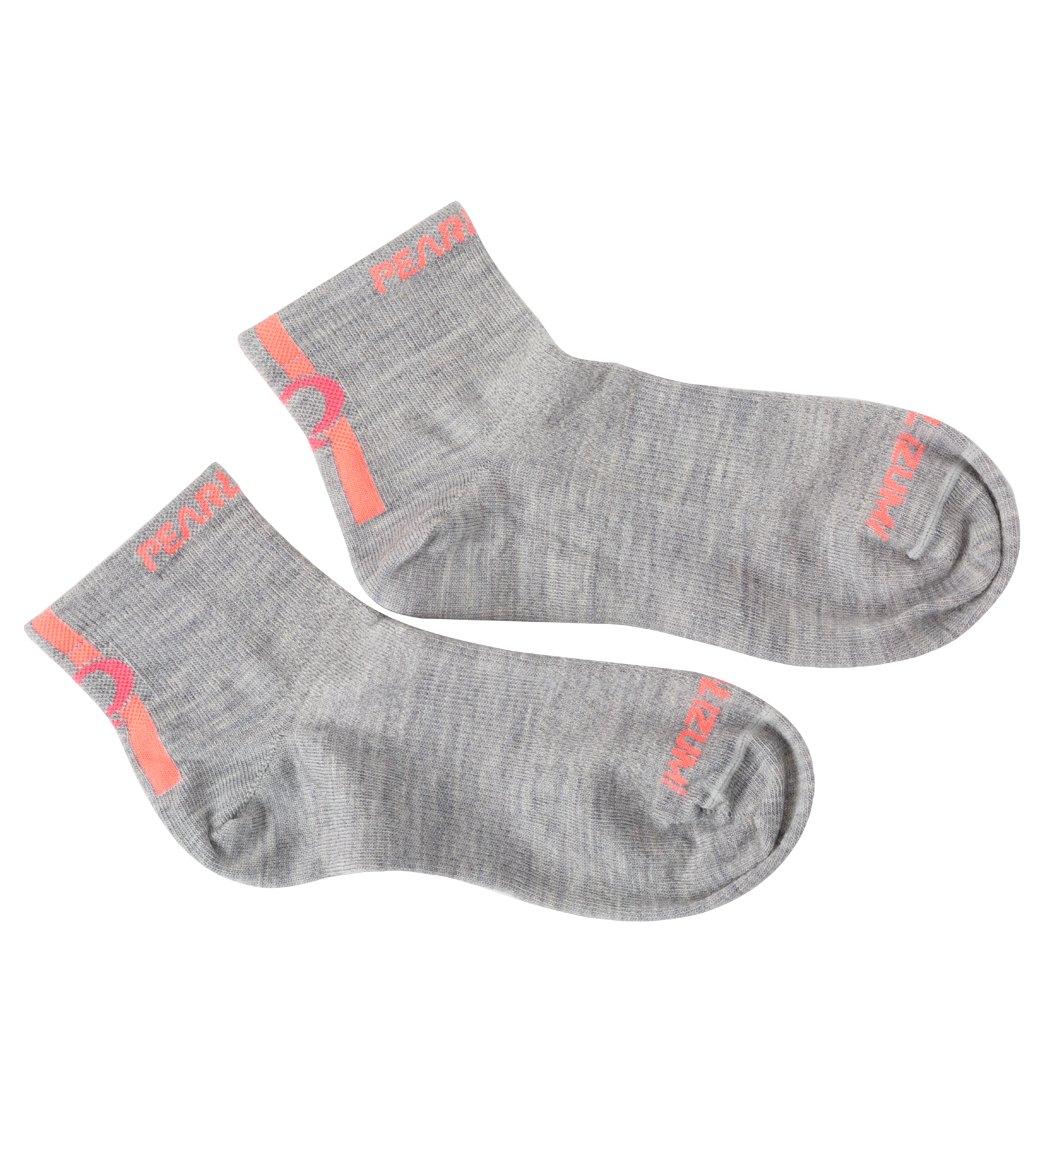 Pearl Izumi Women s Elite Wool Socks at SwimOutlet.com b341f45f9